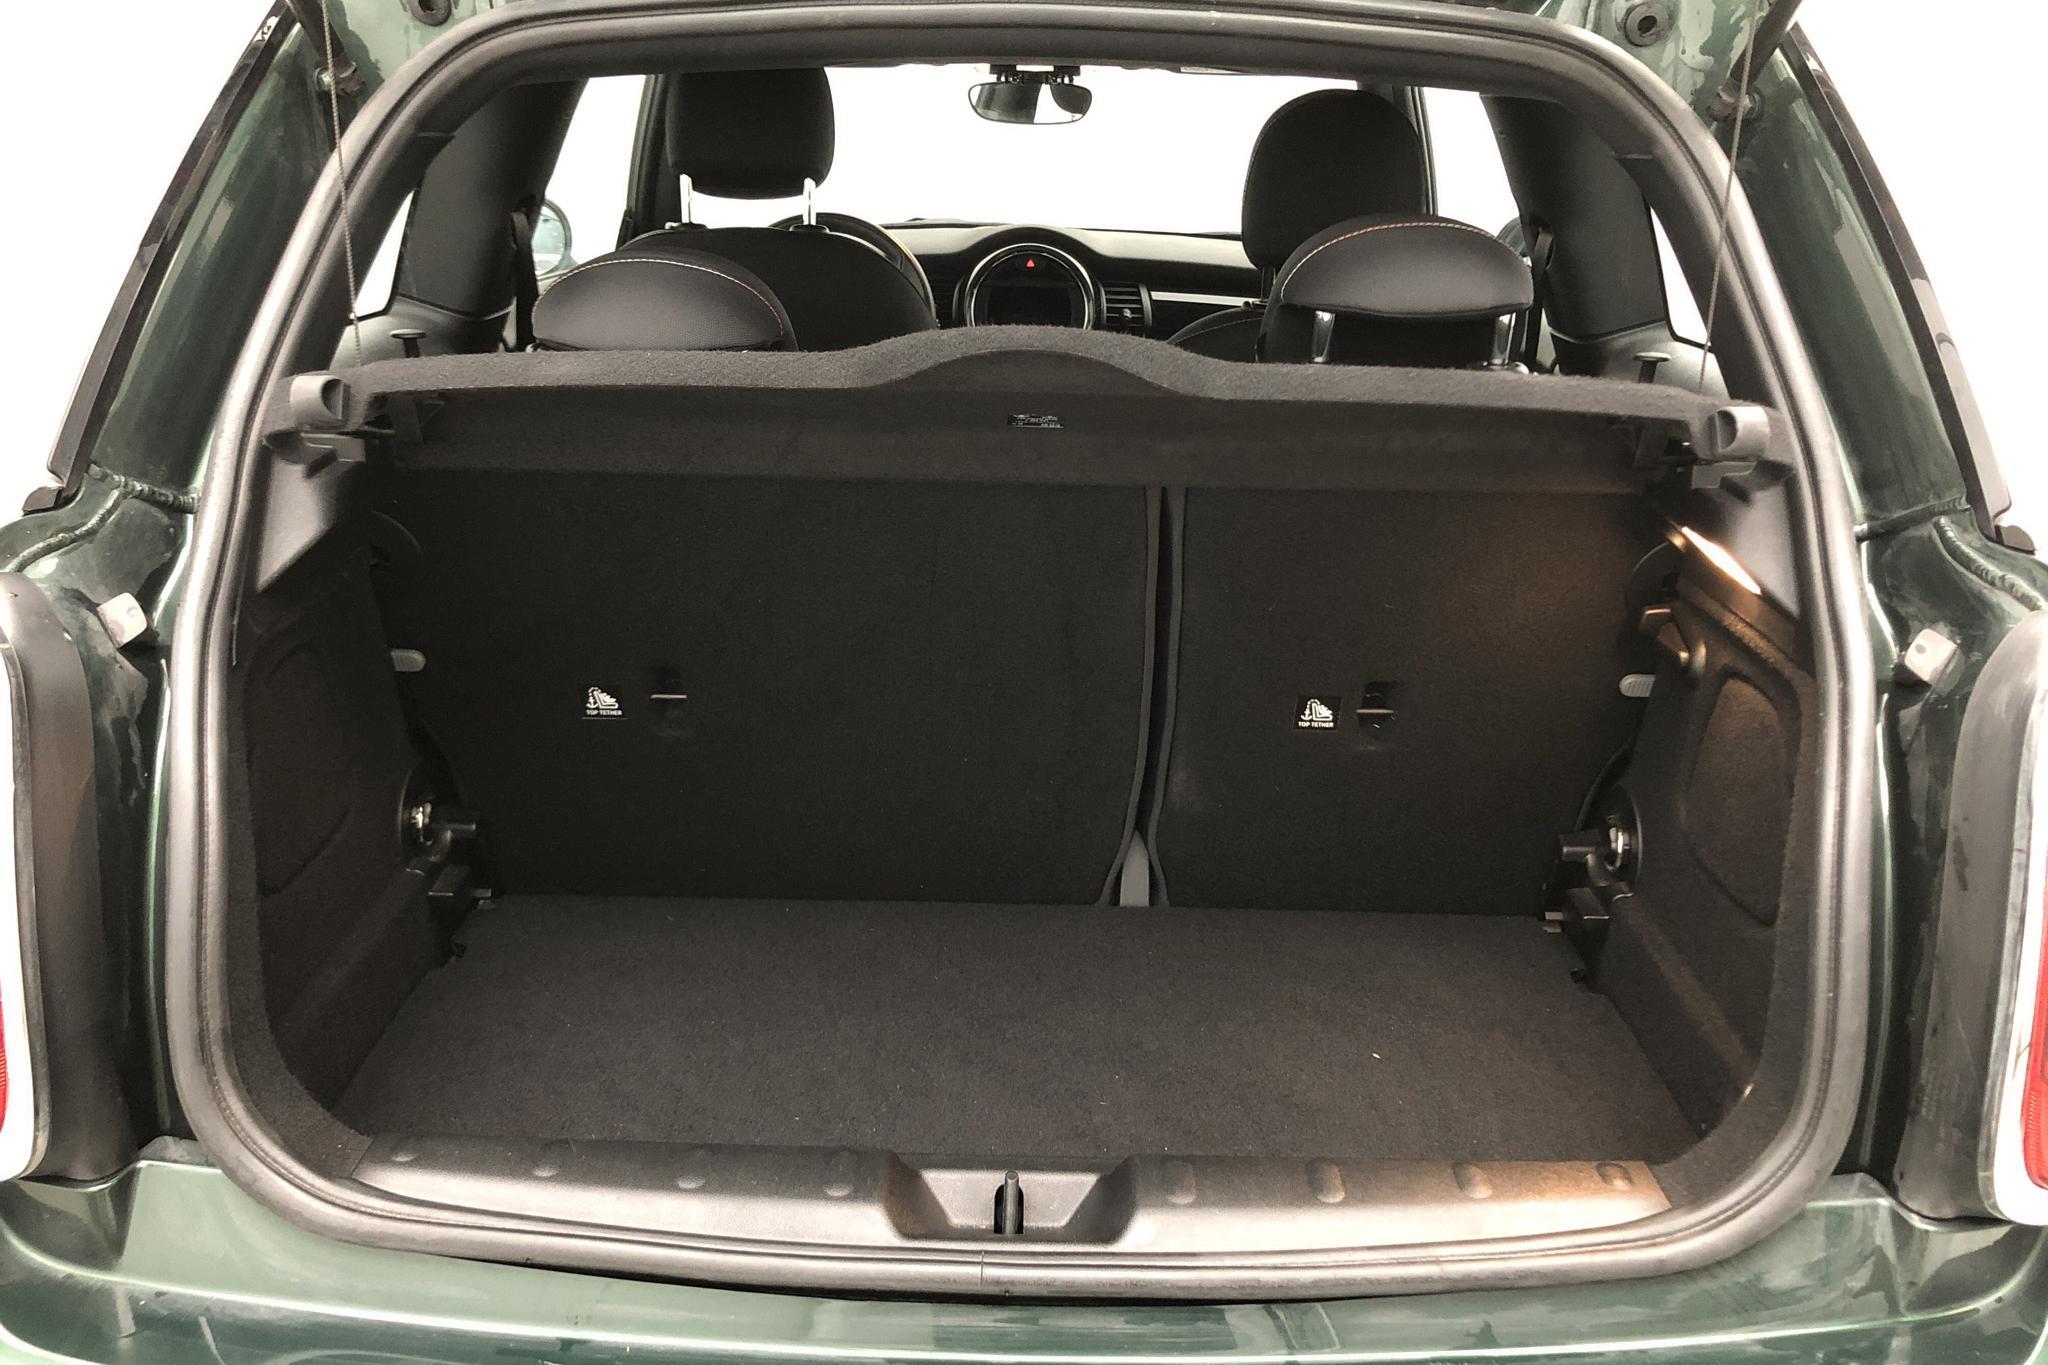 MINI Cooper 3dr, F56 (136hk) - 3 000 mil - Automat - grön - 2019